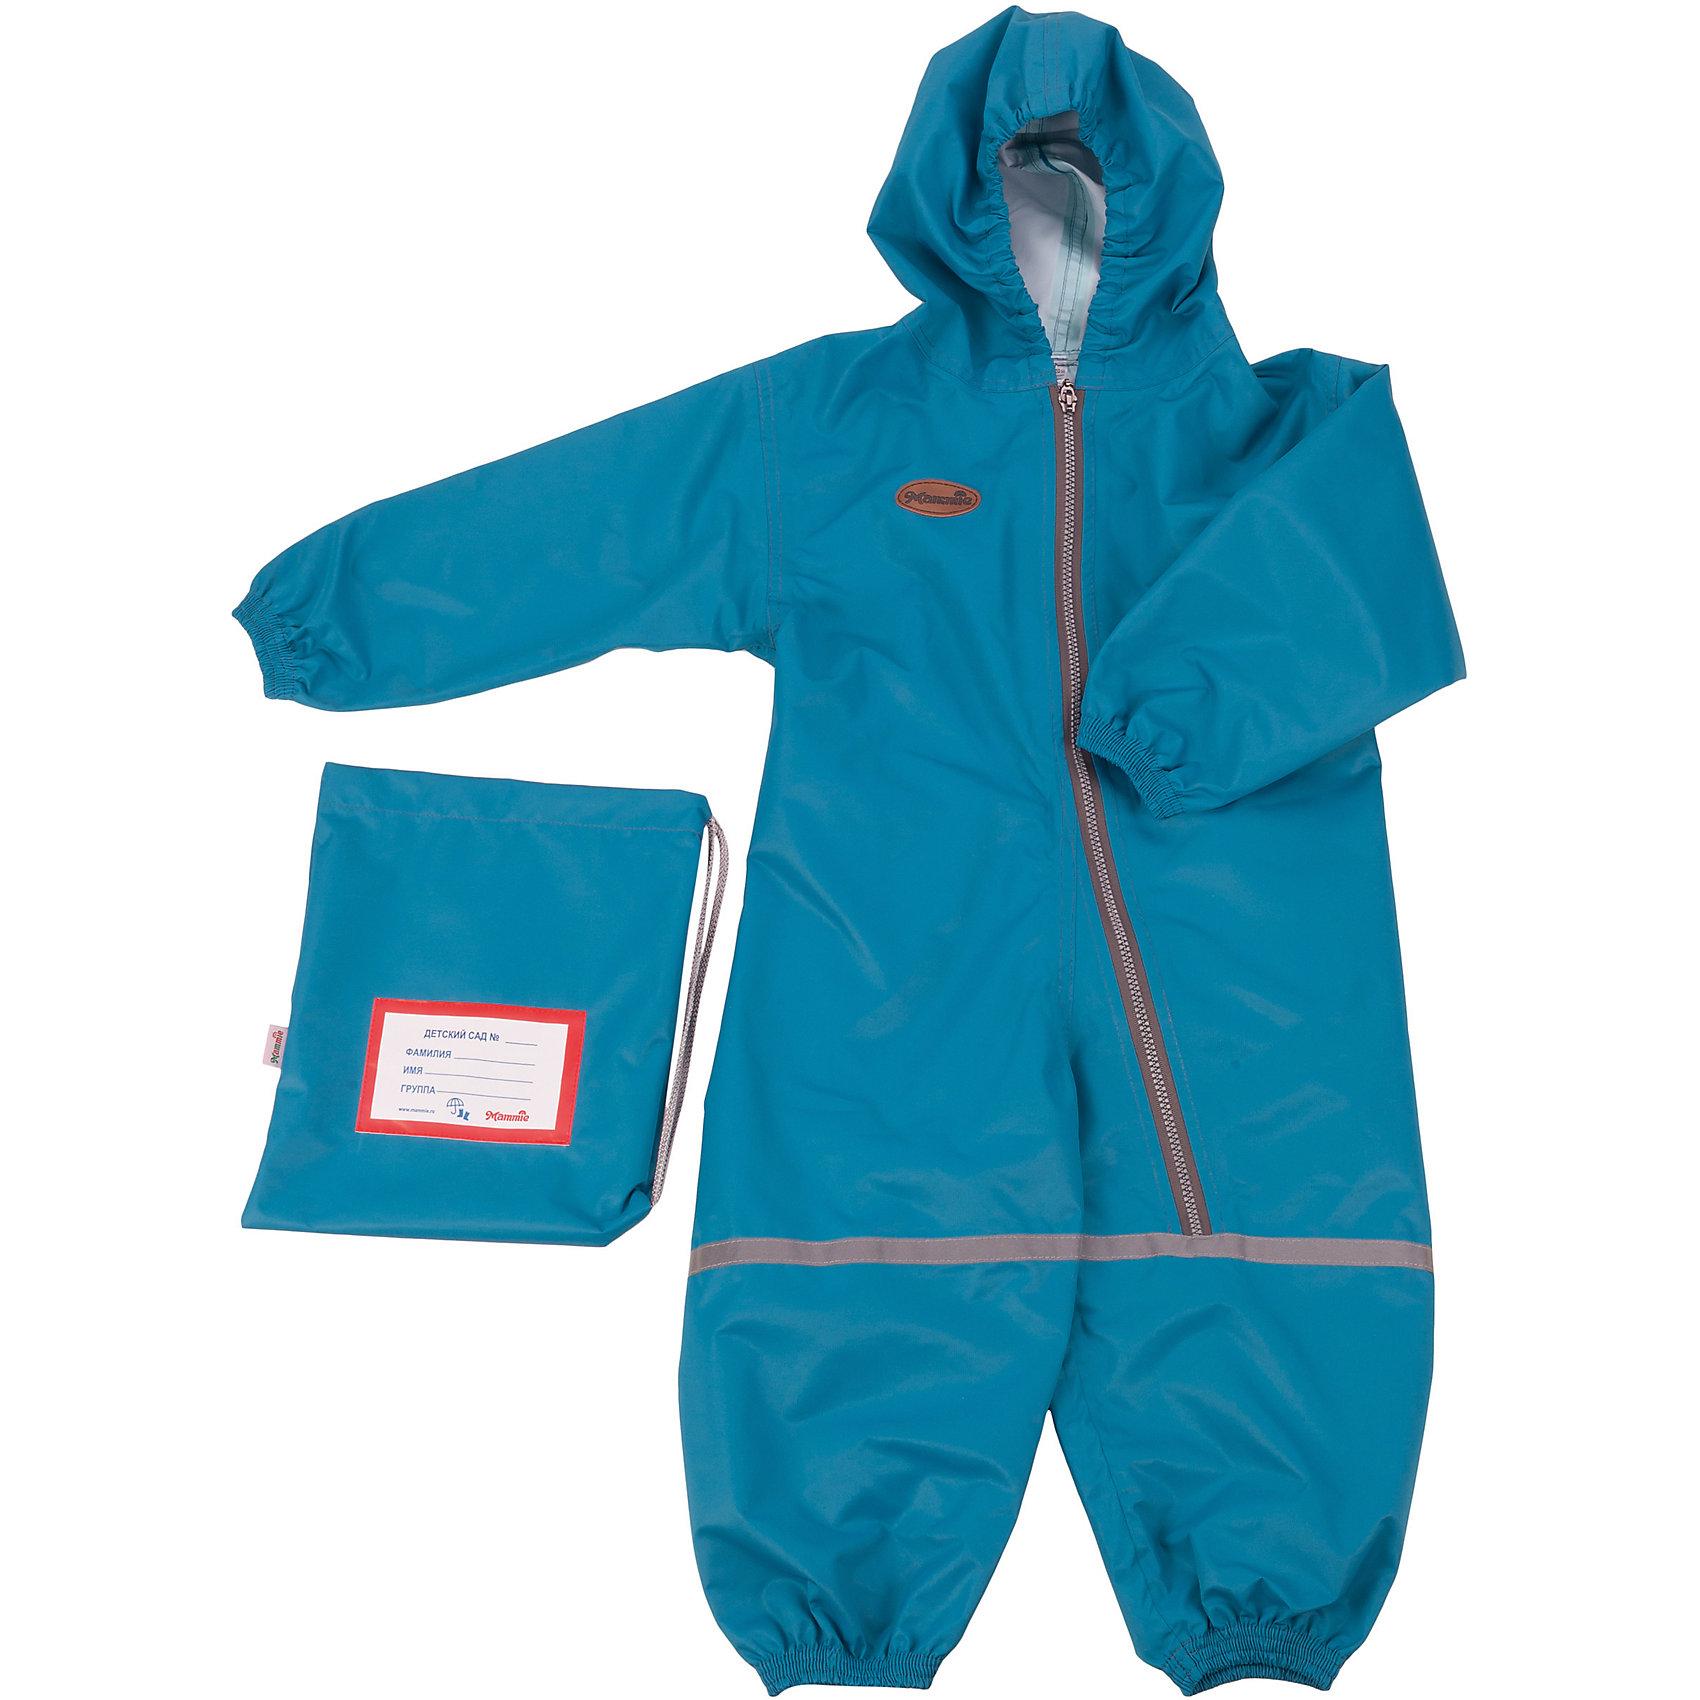 Комбинезон грязезащитный, р-р 2-3,мембрана, Mammie, морская волнаВерхняя одежда<br>Комбинезон грязезащитный, р-р 2-3,мембрана, Mammie, морская волна.<br><br>Характеристики:<br><br>• Для детей от 2 до 3 лет (рост 98-104 см.)<br>• Комплектация: комбинезон, мешочек с именной нашивкой<br>• Сезон: весна, лето, осень<br>• Температурный диапазон: от -5°С до +25°С<br>• Цвет: морская волна<br>• Материал: мембрана - 100% полиэстер<br>• Водонепроницаемость: 3000 мм. <br>• Дышащие свойства: 3000 гр/кв.м/24ч<br>• Уход: машинная стирка при 30°С<br>• Размер упаковки: 20х30х5 см.<br>• Вес: 200 гр.<br><br>Детский грязезащитный, 100% непромокаемый дышащий комбинезон одевается поверх любой верхней одежды. Комбинезон утянут в поясе при помощи резинки. Глубокая молния позволяет ребенку самостоятельно надеть комбинезон. Ткань комбинезона не препятствует воздухообмену. Швы проклеены водозащитной лентой. Светоотражающие элементы повышают безопасность ребенка в темное время суток. Комбинезон отлично подходит для прогулок в детском саду в осенне-весенний период с грязью, лужами и слякотью. Легко стирается и моментально сохнет. Упакован в индивидуальный мешочек с именной нашивкой, который можно подвесить в шкафчик ребенка.<br><br>Комбинезон грязезащитный, р-р 2-3,мембрана, Mammie, морская волна можно купить в нашем интернет-магазине.<br><br>Ширина мм: 200<br>Глубина мм: 300<br>Высота мм: 50<br>Вес г: 200<br>Возраст от месяцев: 24<br>Возраст до месяцев: 36<br>Пол: Унисекс<br>Возраст: Детский<br>SKU: 5613245